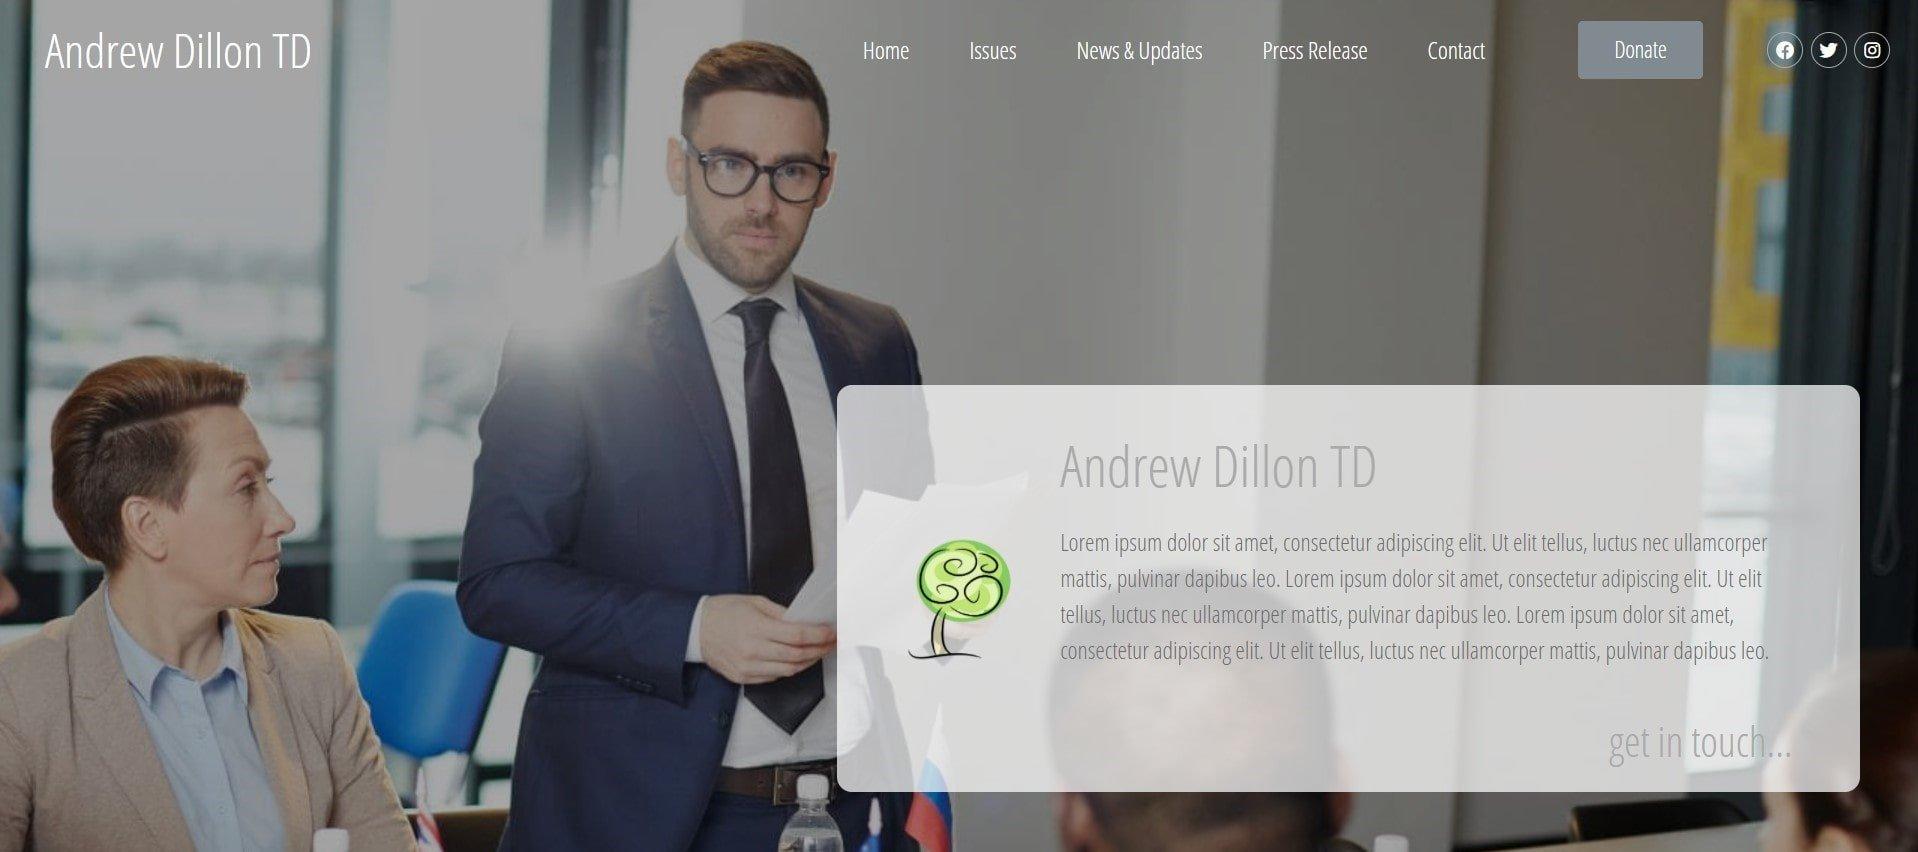 Political Website Design - Homepage Header